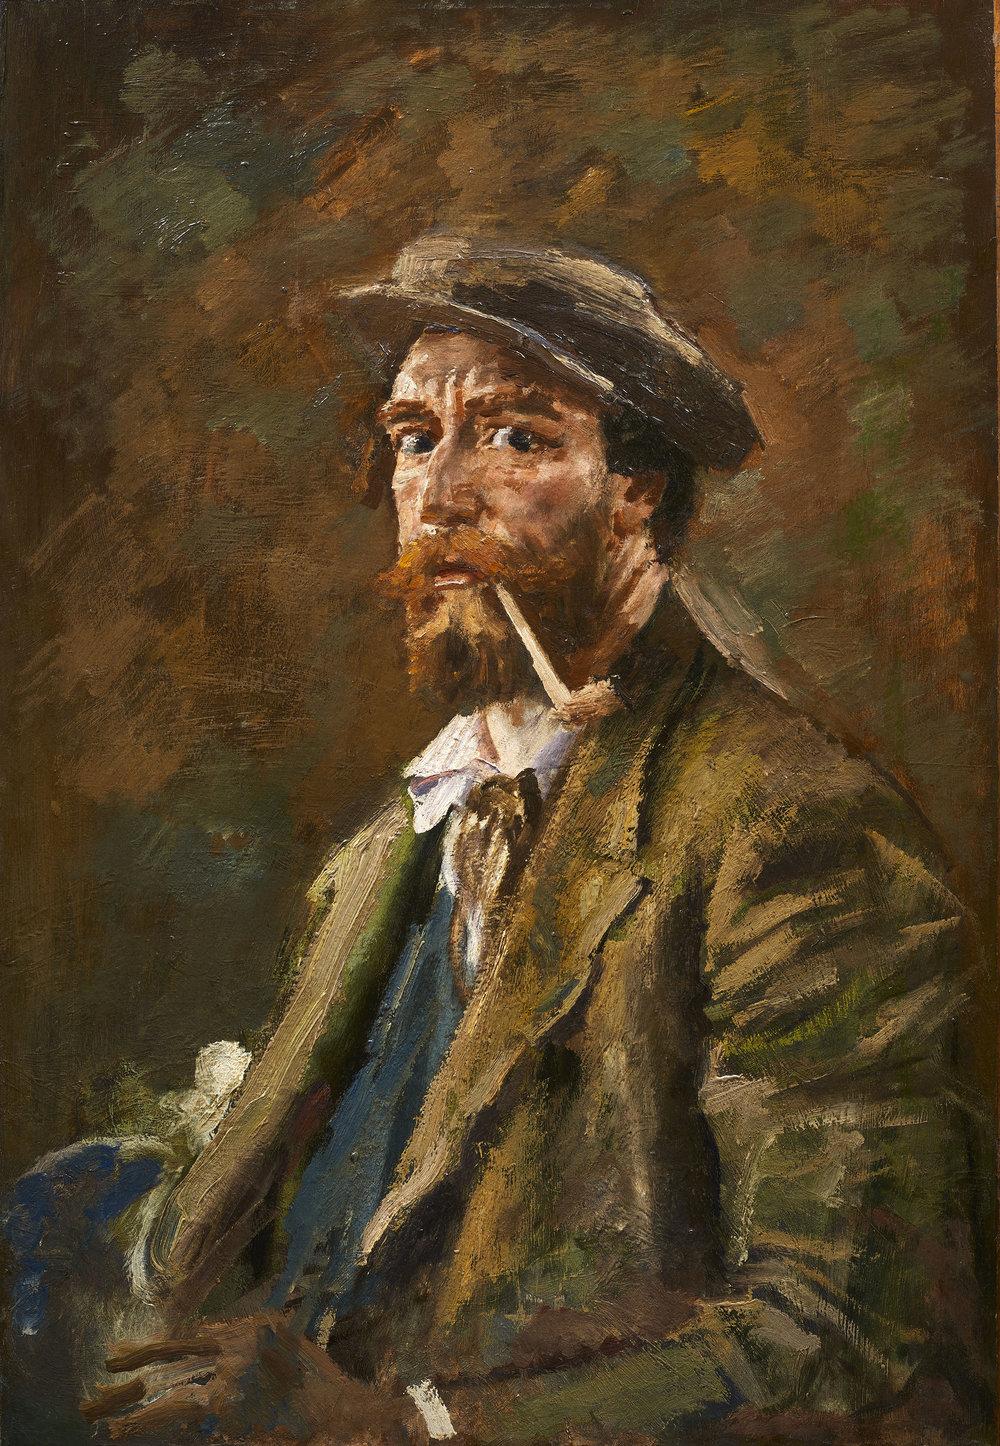 Augusta John